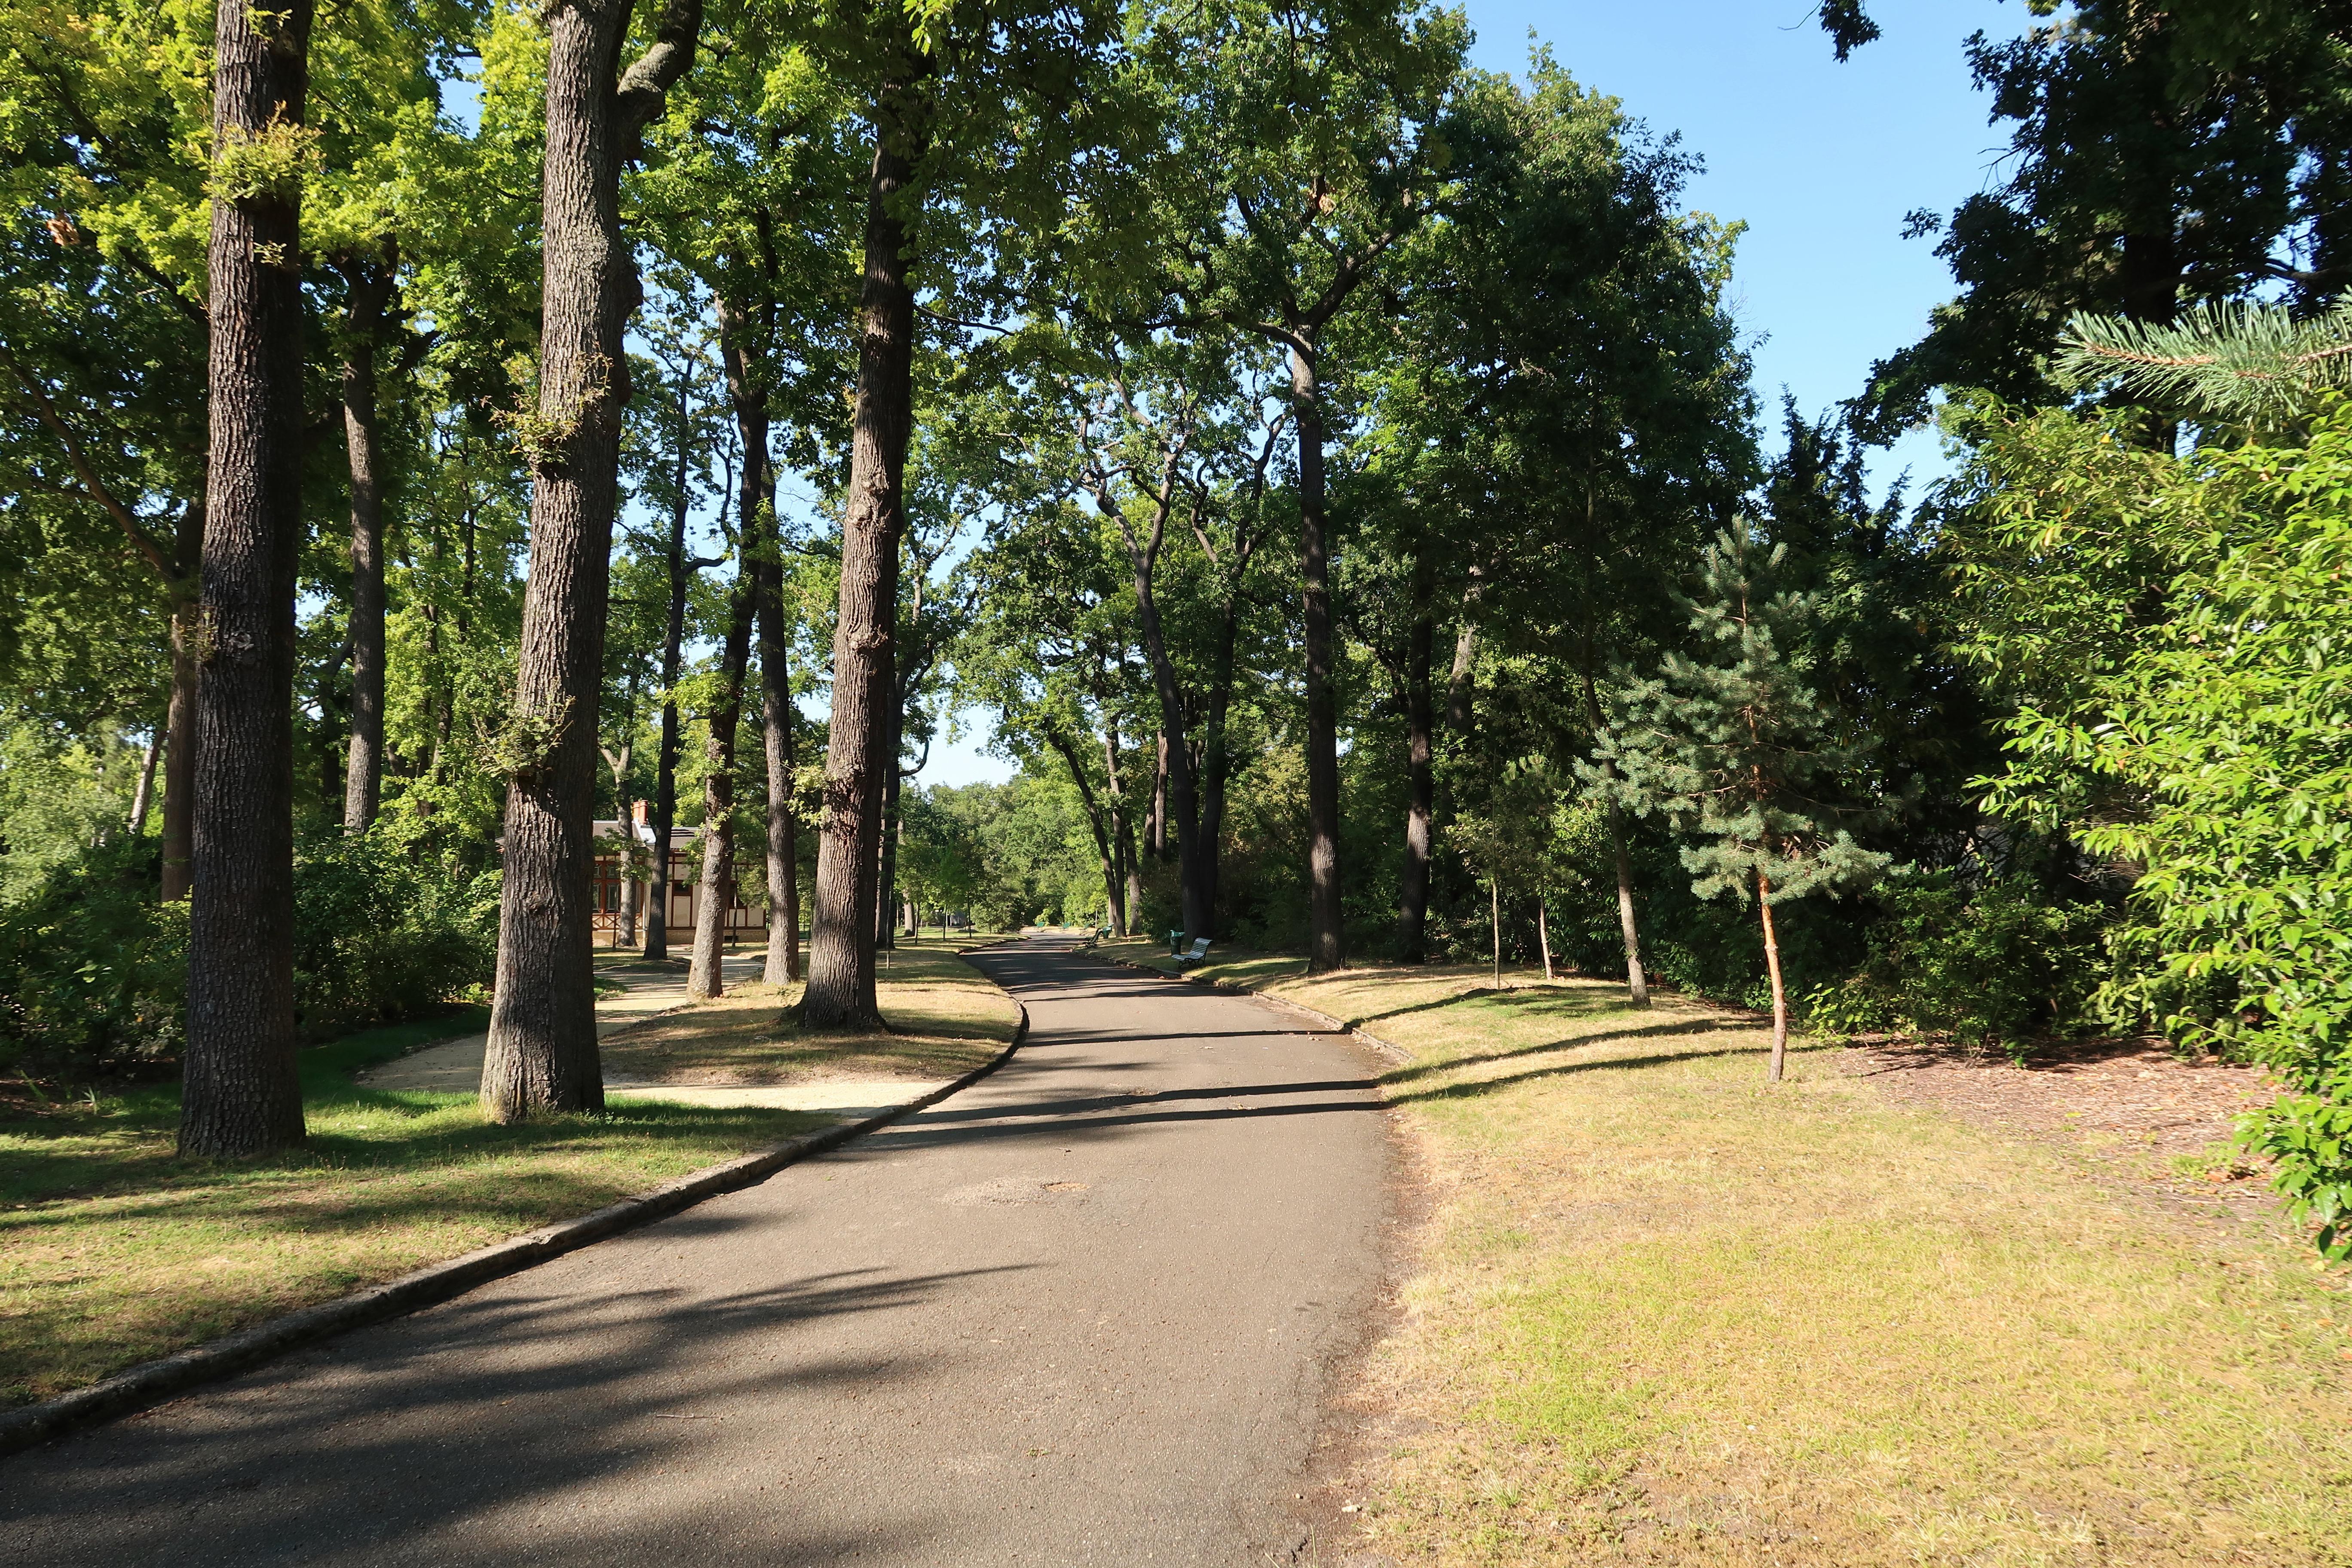 Comment Faire Un Bucher En Bois jardin du pré-catelan — wikipédia